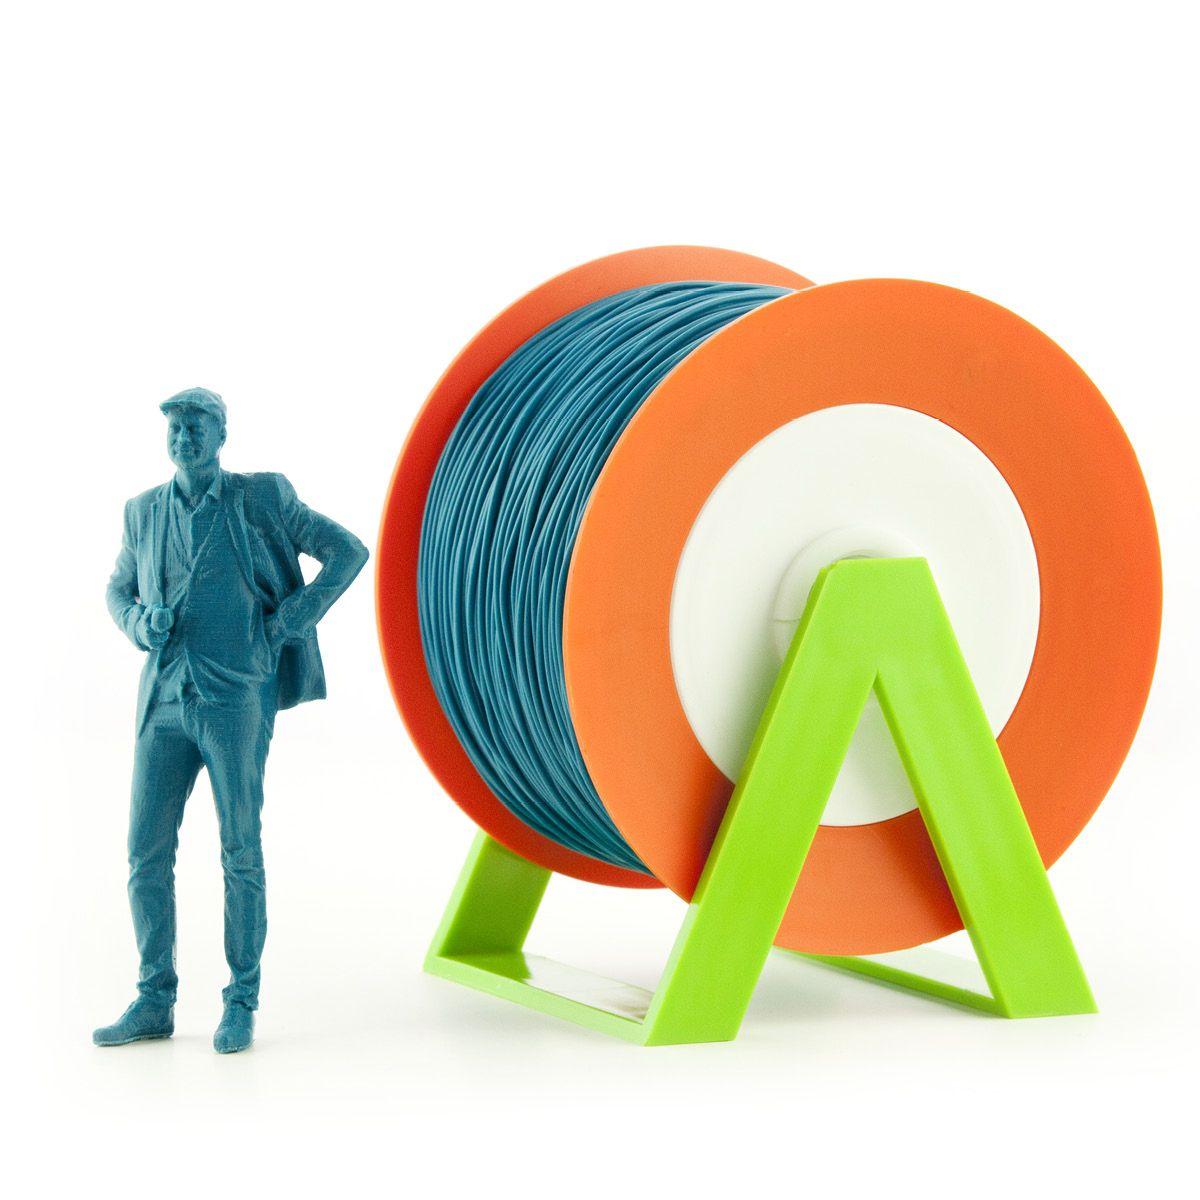 PLA Filament | Color: Cerulean Blue